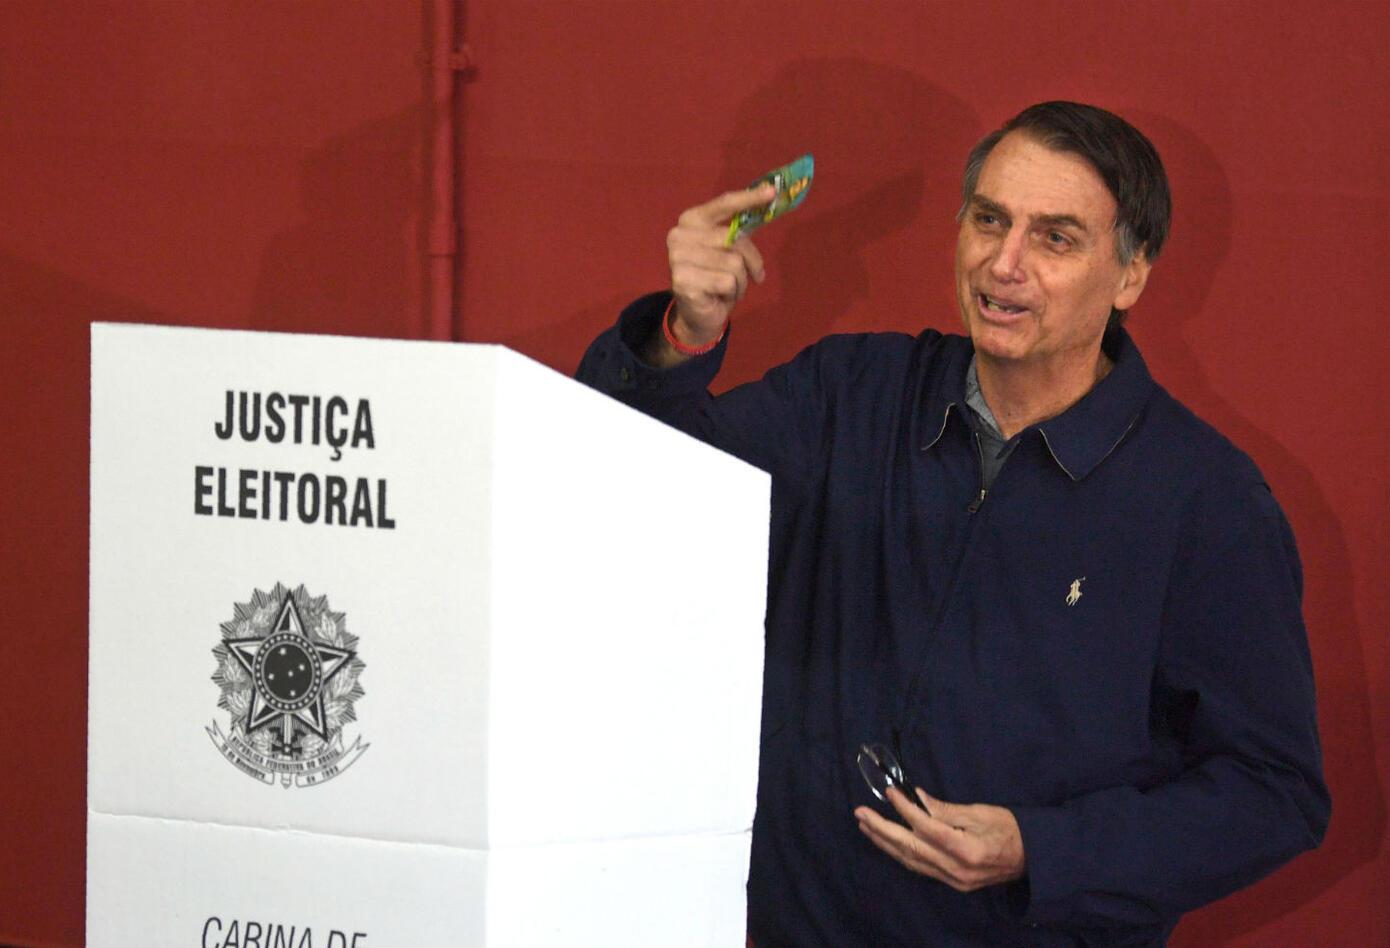 """A menudo apodado """"el Donald Trump brasileño"""", este defensor de la familia tradicional, de Dios y del porte de armas ha impulsado su campaña por redes sociales, con un discurso antisistema en un país en profunda crisis política, económica y de seguridad."""